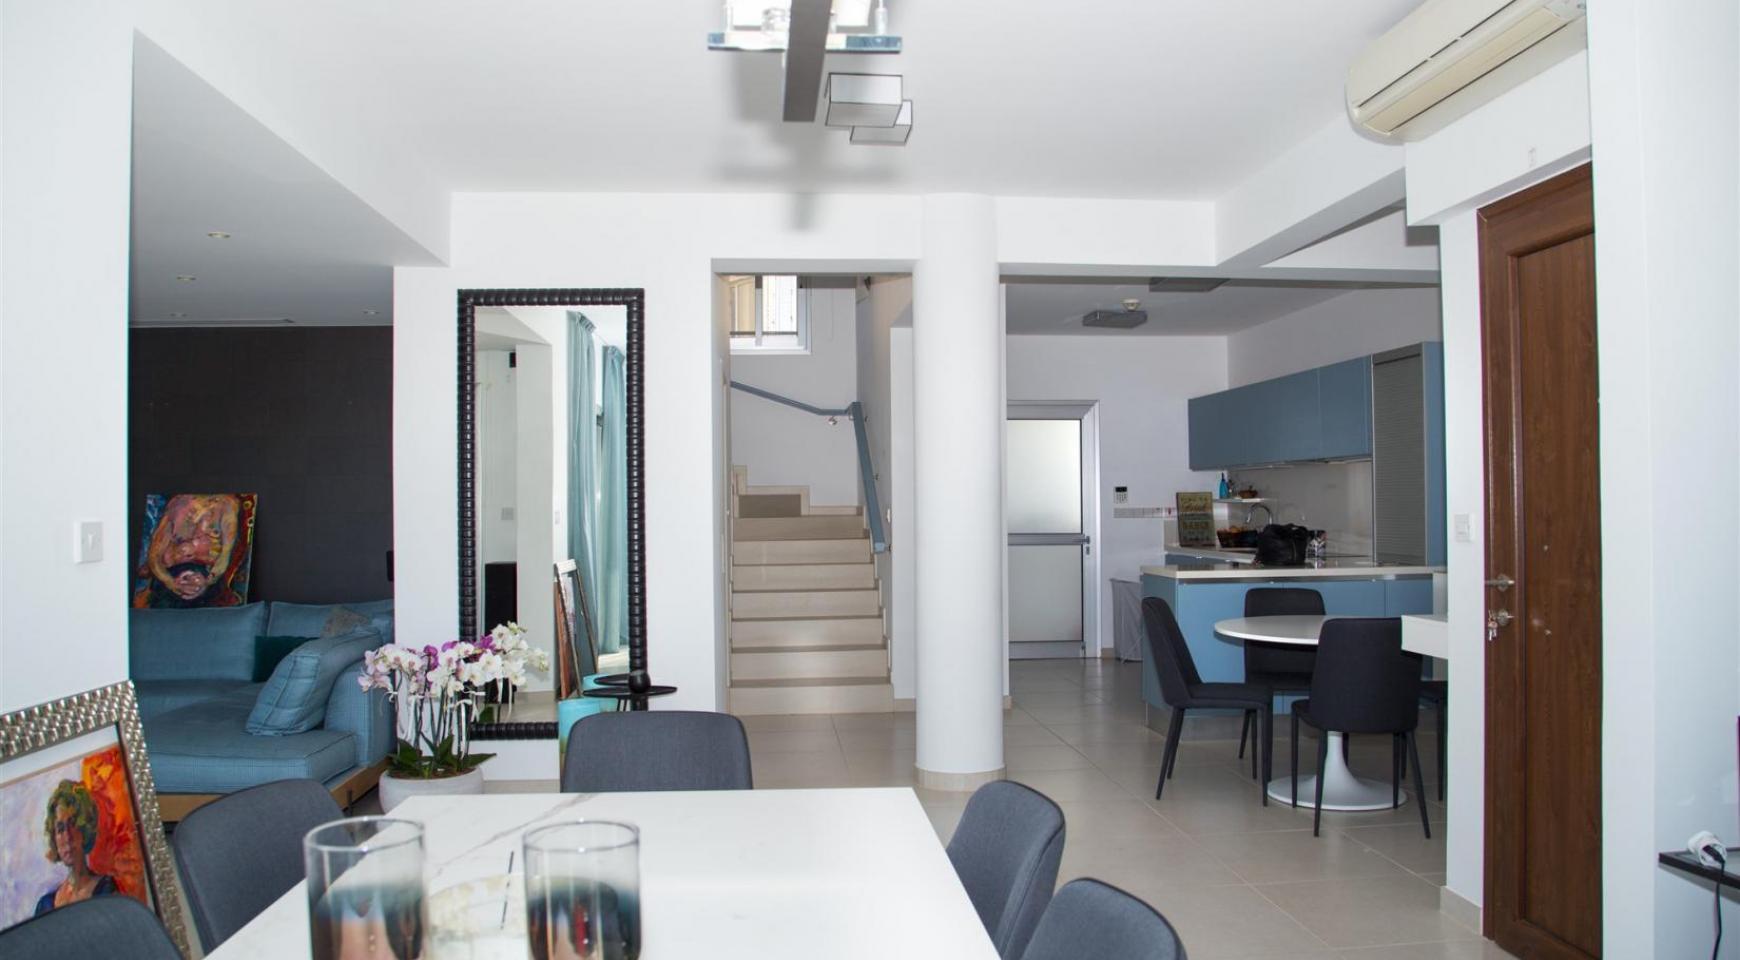 Contemporary 3 Bedroom Villa with Breathtaking Sea views in Agios Tychonas - 6